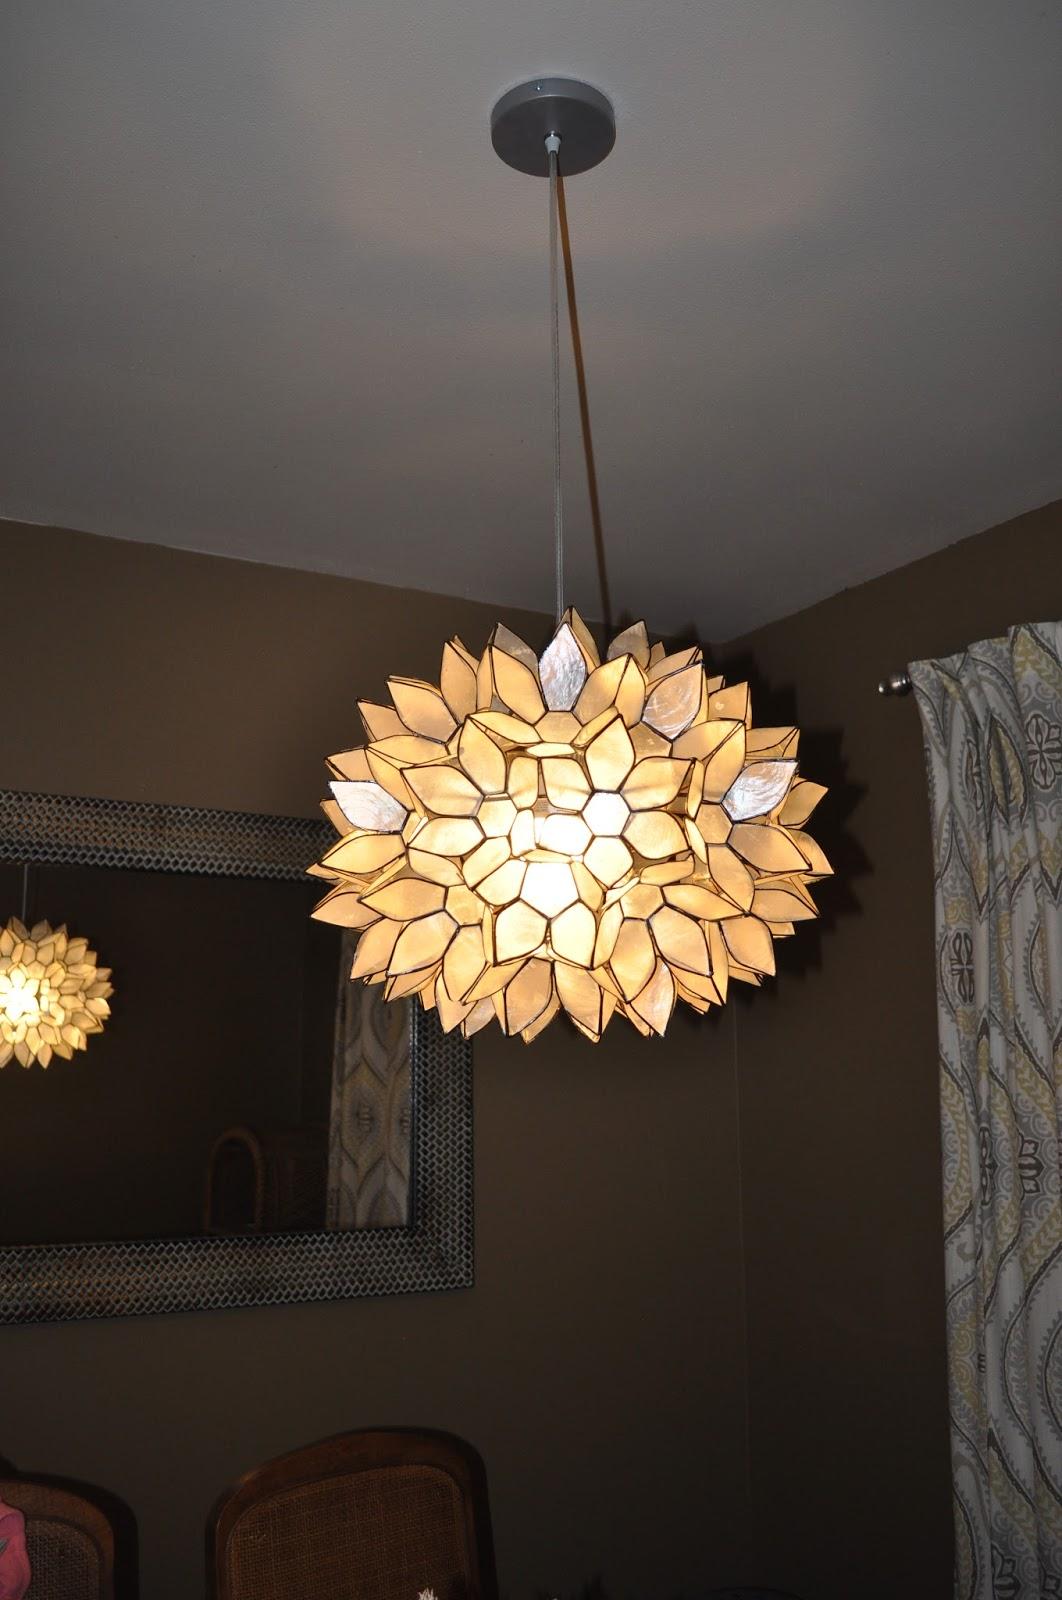 Superb World Market, Large Capiz Chandelier, Lighting, Dining Room, Hardwire, Diy, Awesome Design